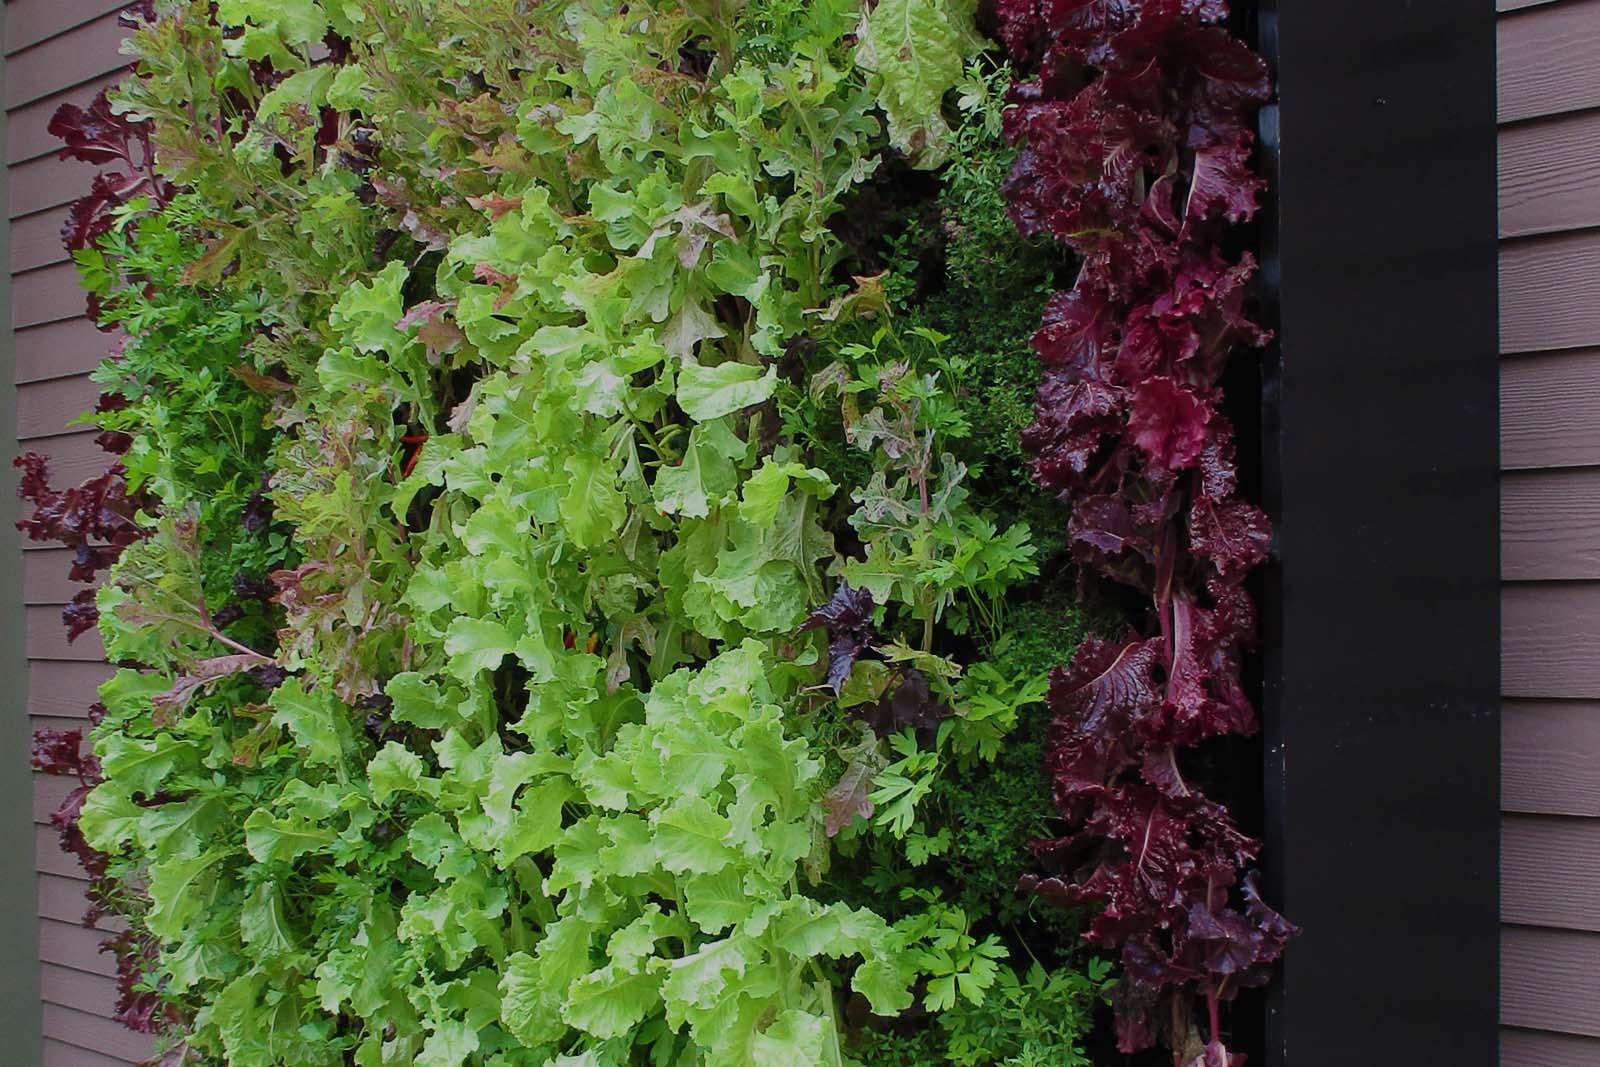 Orto verticale giardino in terrazzo for Giardino verticale balcone